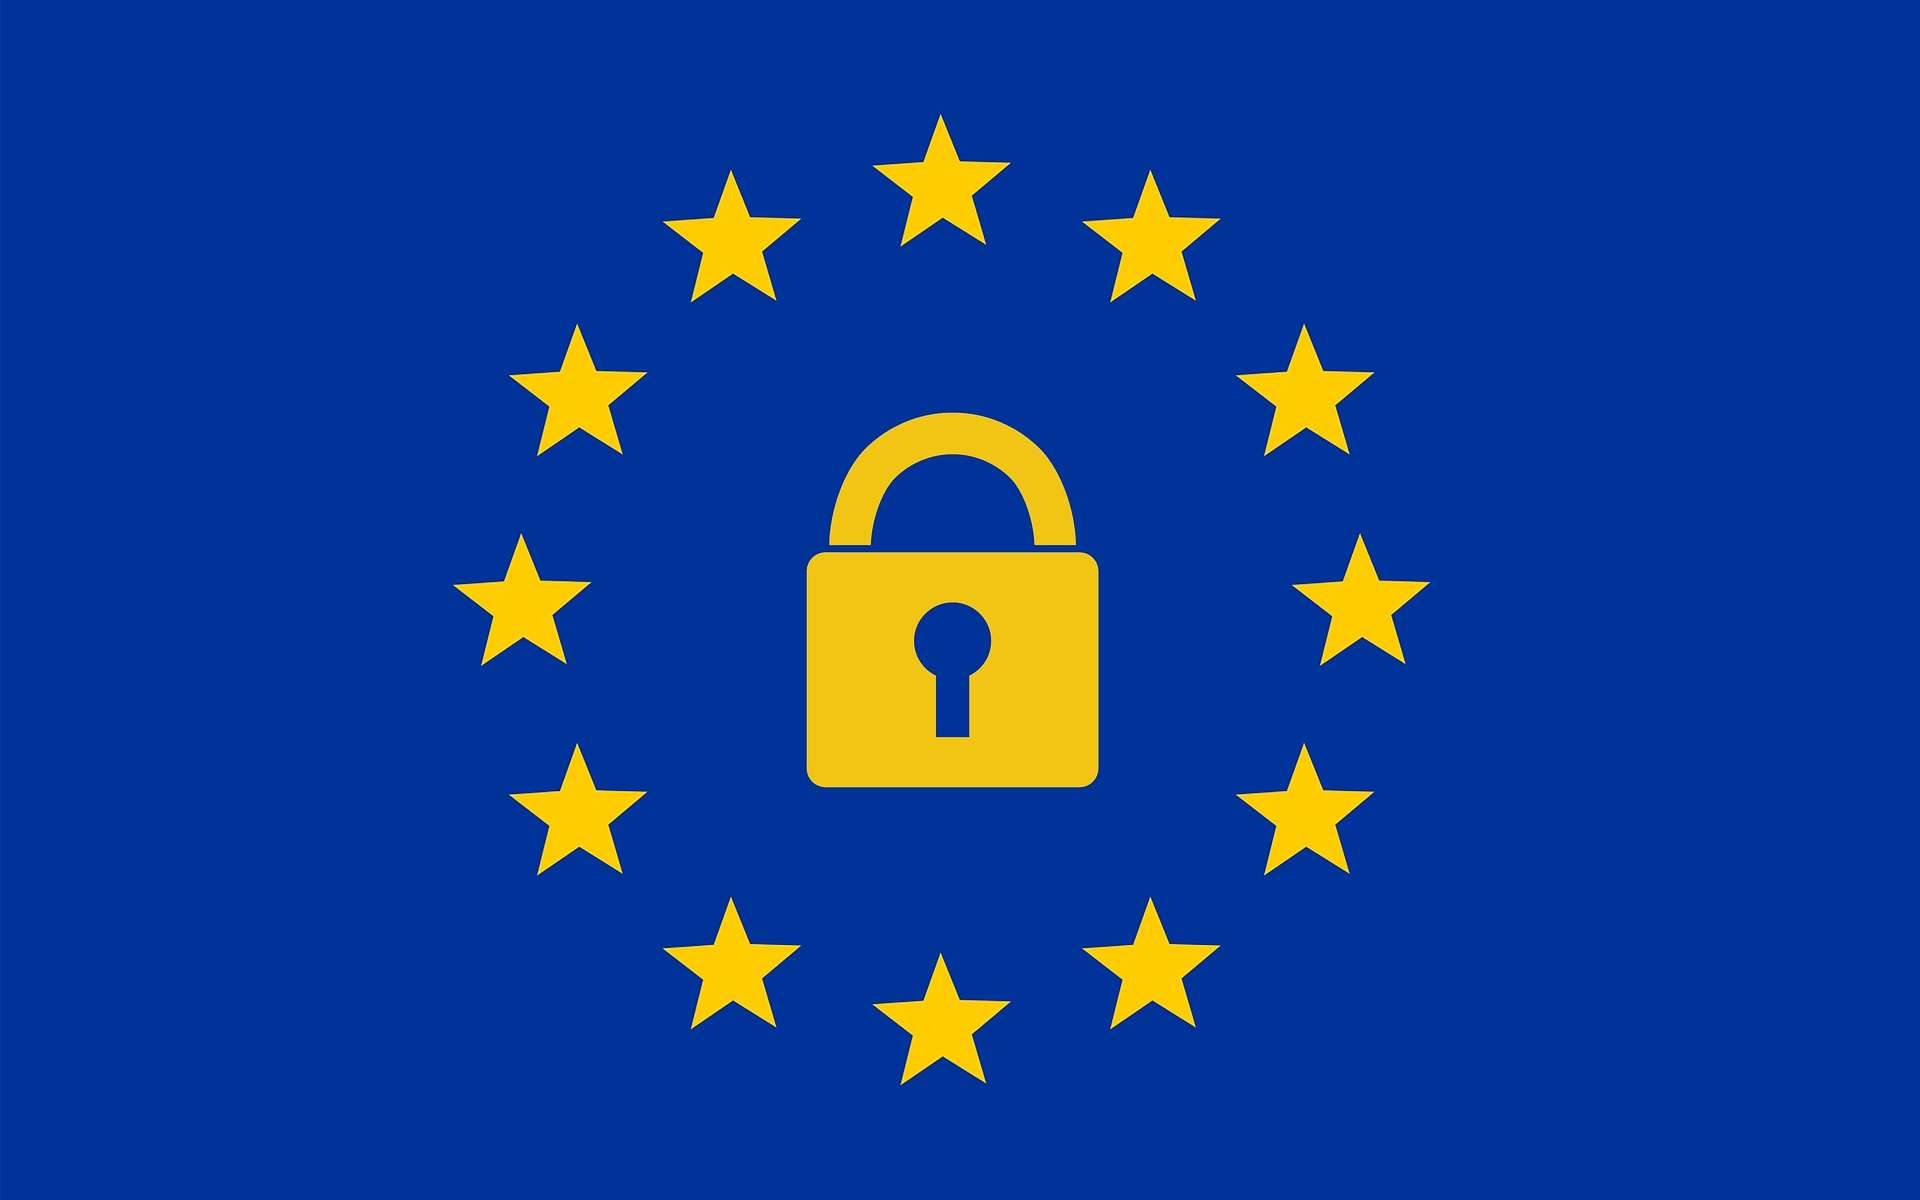 Les Européens pourront utiliser une seule application pour accéder à de nombreux services. © Pete Linforth, Pixabay